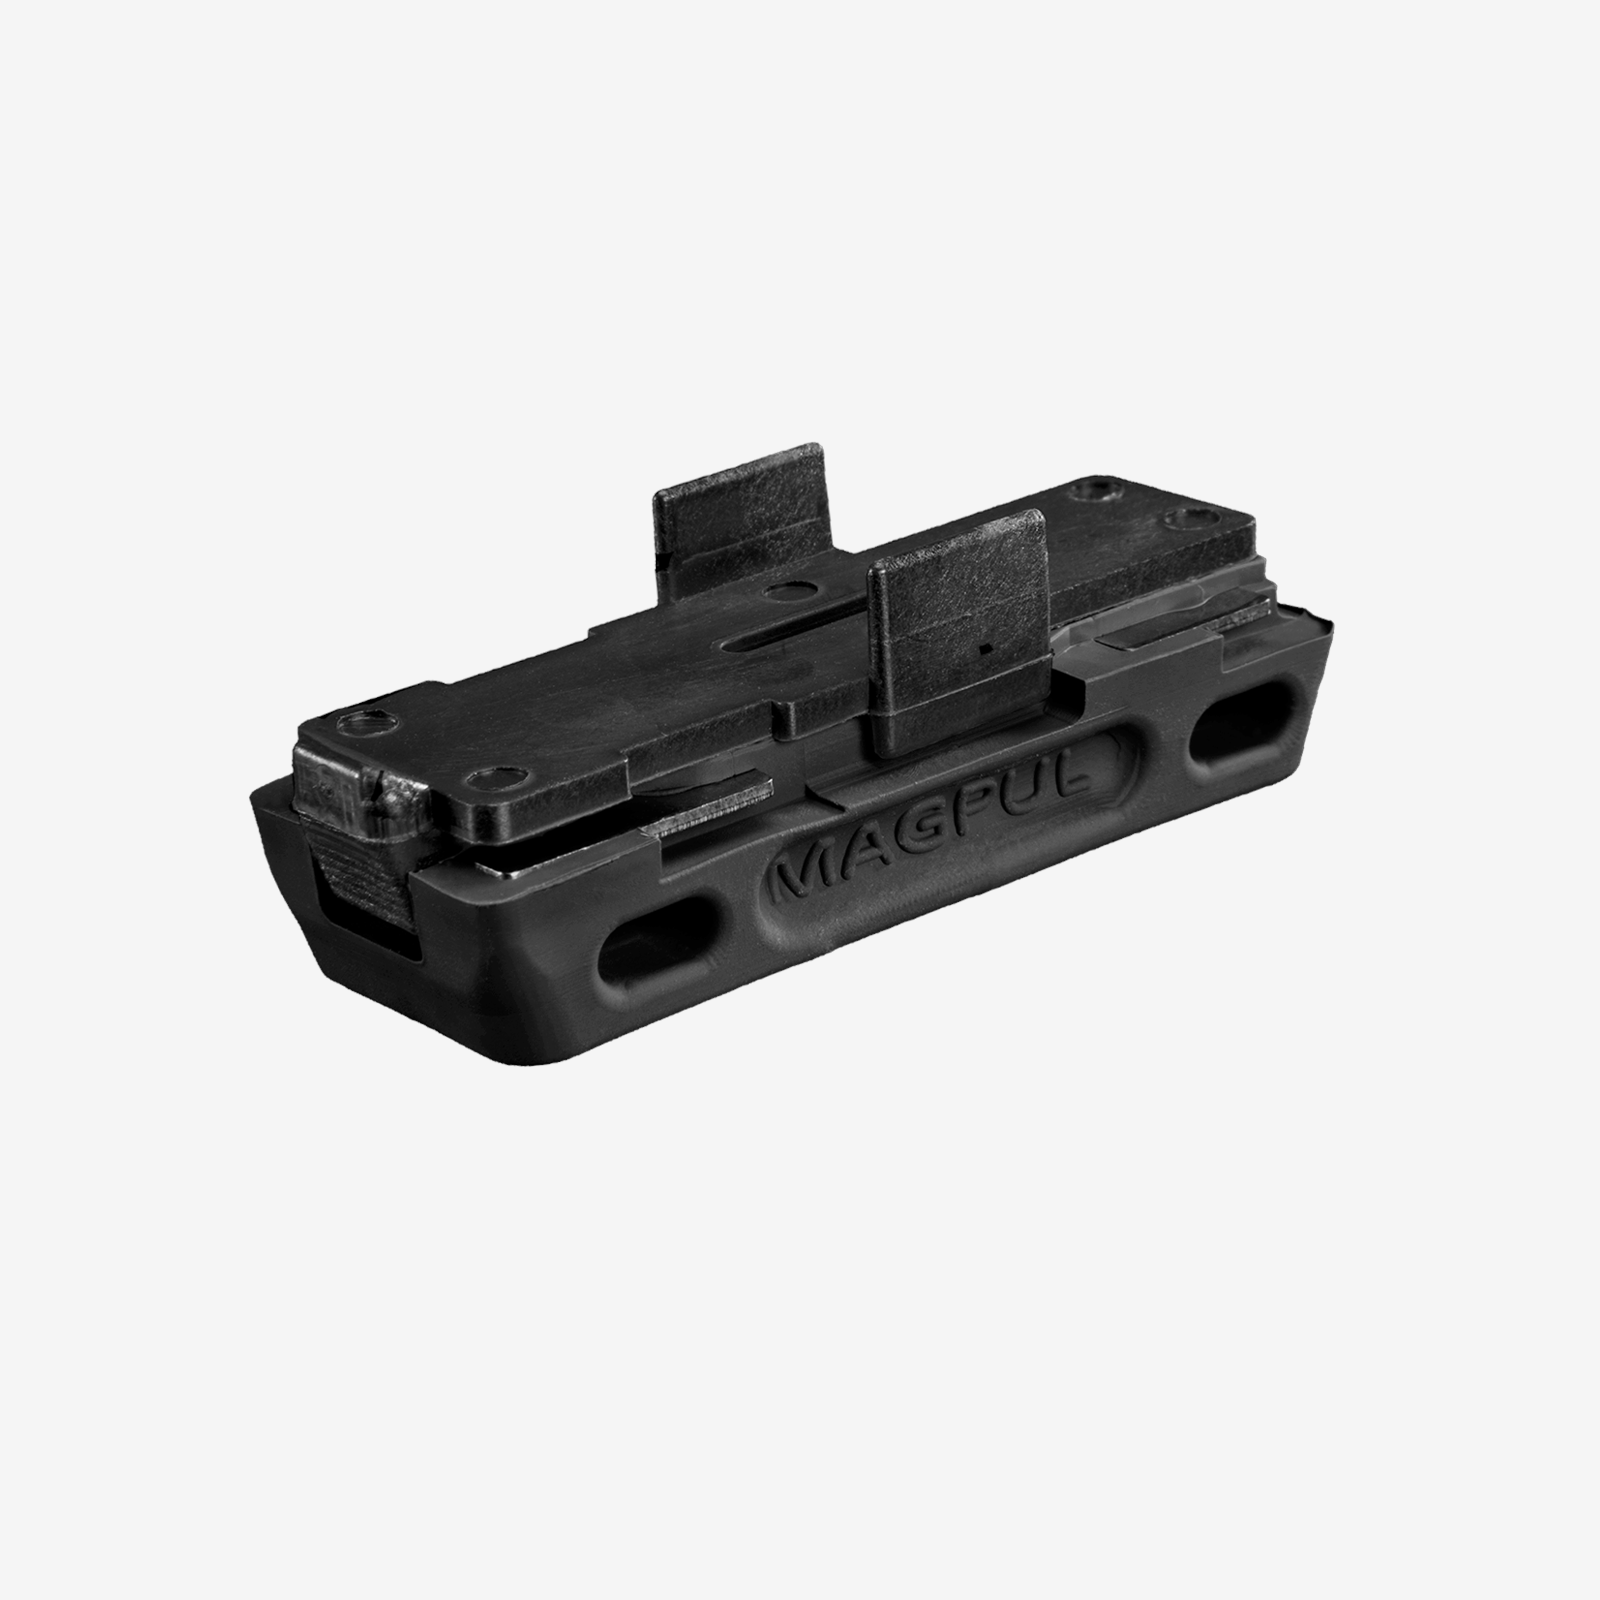 Пятки на магазины пластиковые L-Plate™ - USGI 5,56x45